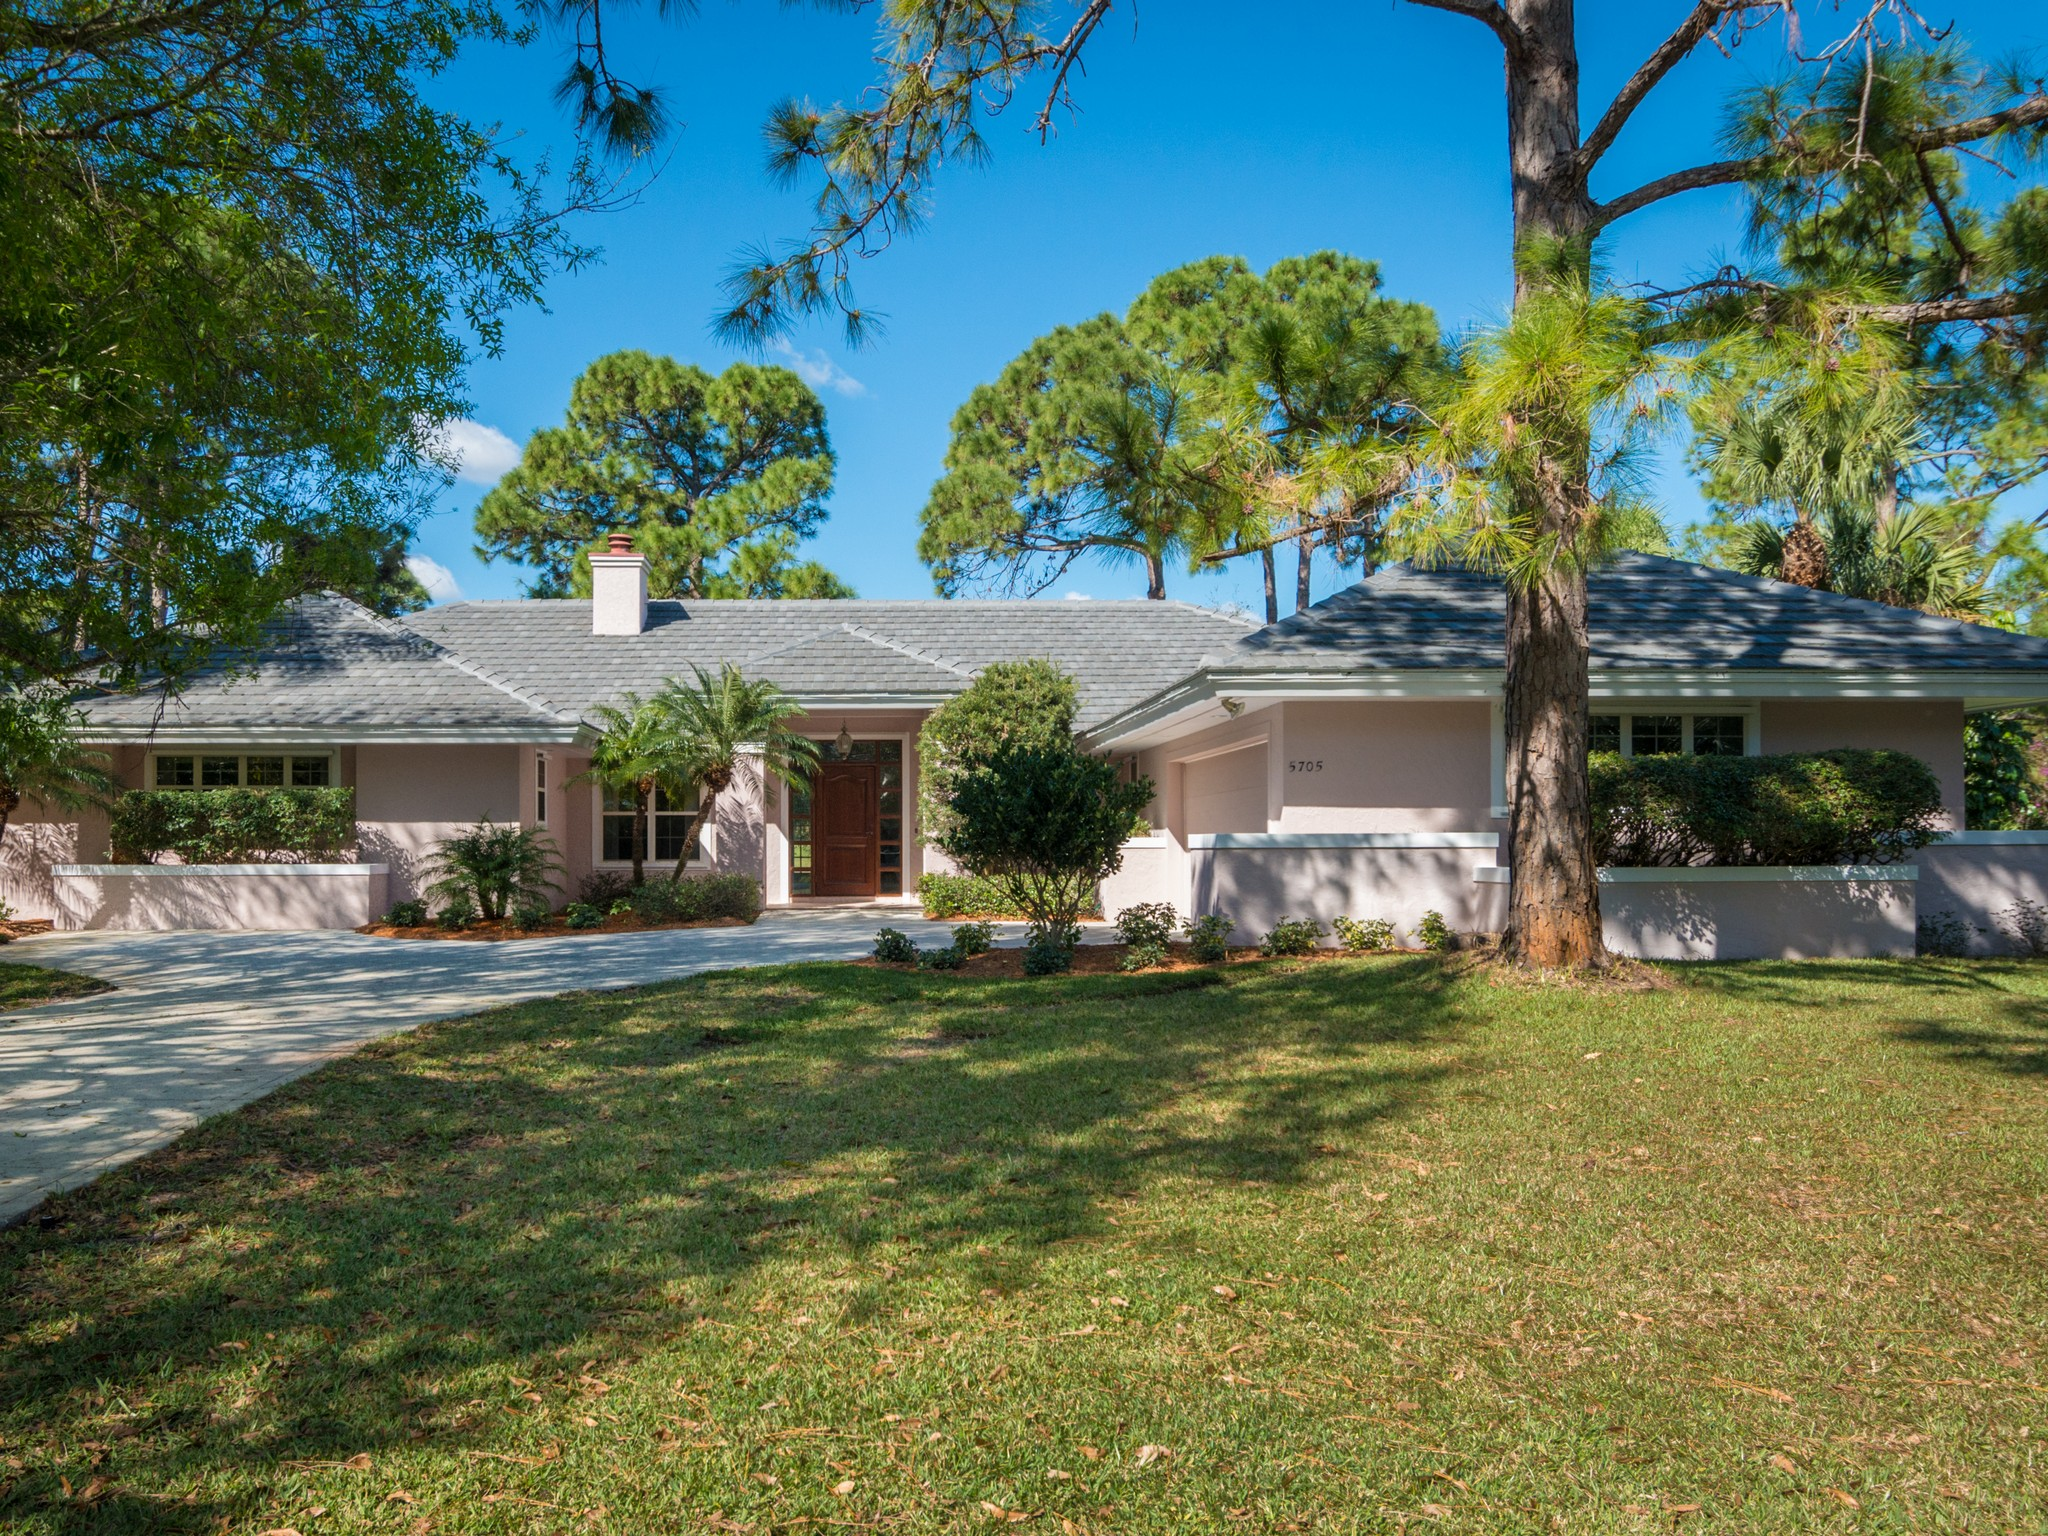 一戸建て のために 売買 アット Home in Bent Pine 5705 Glen Eagle Lane Vero Beach, フロリダ, 32967 アメリカ合衆国